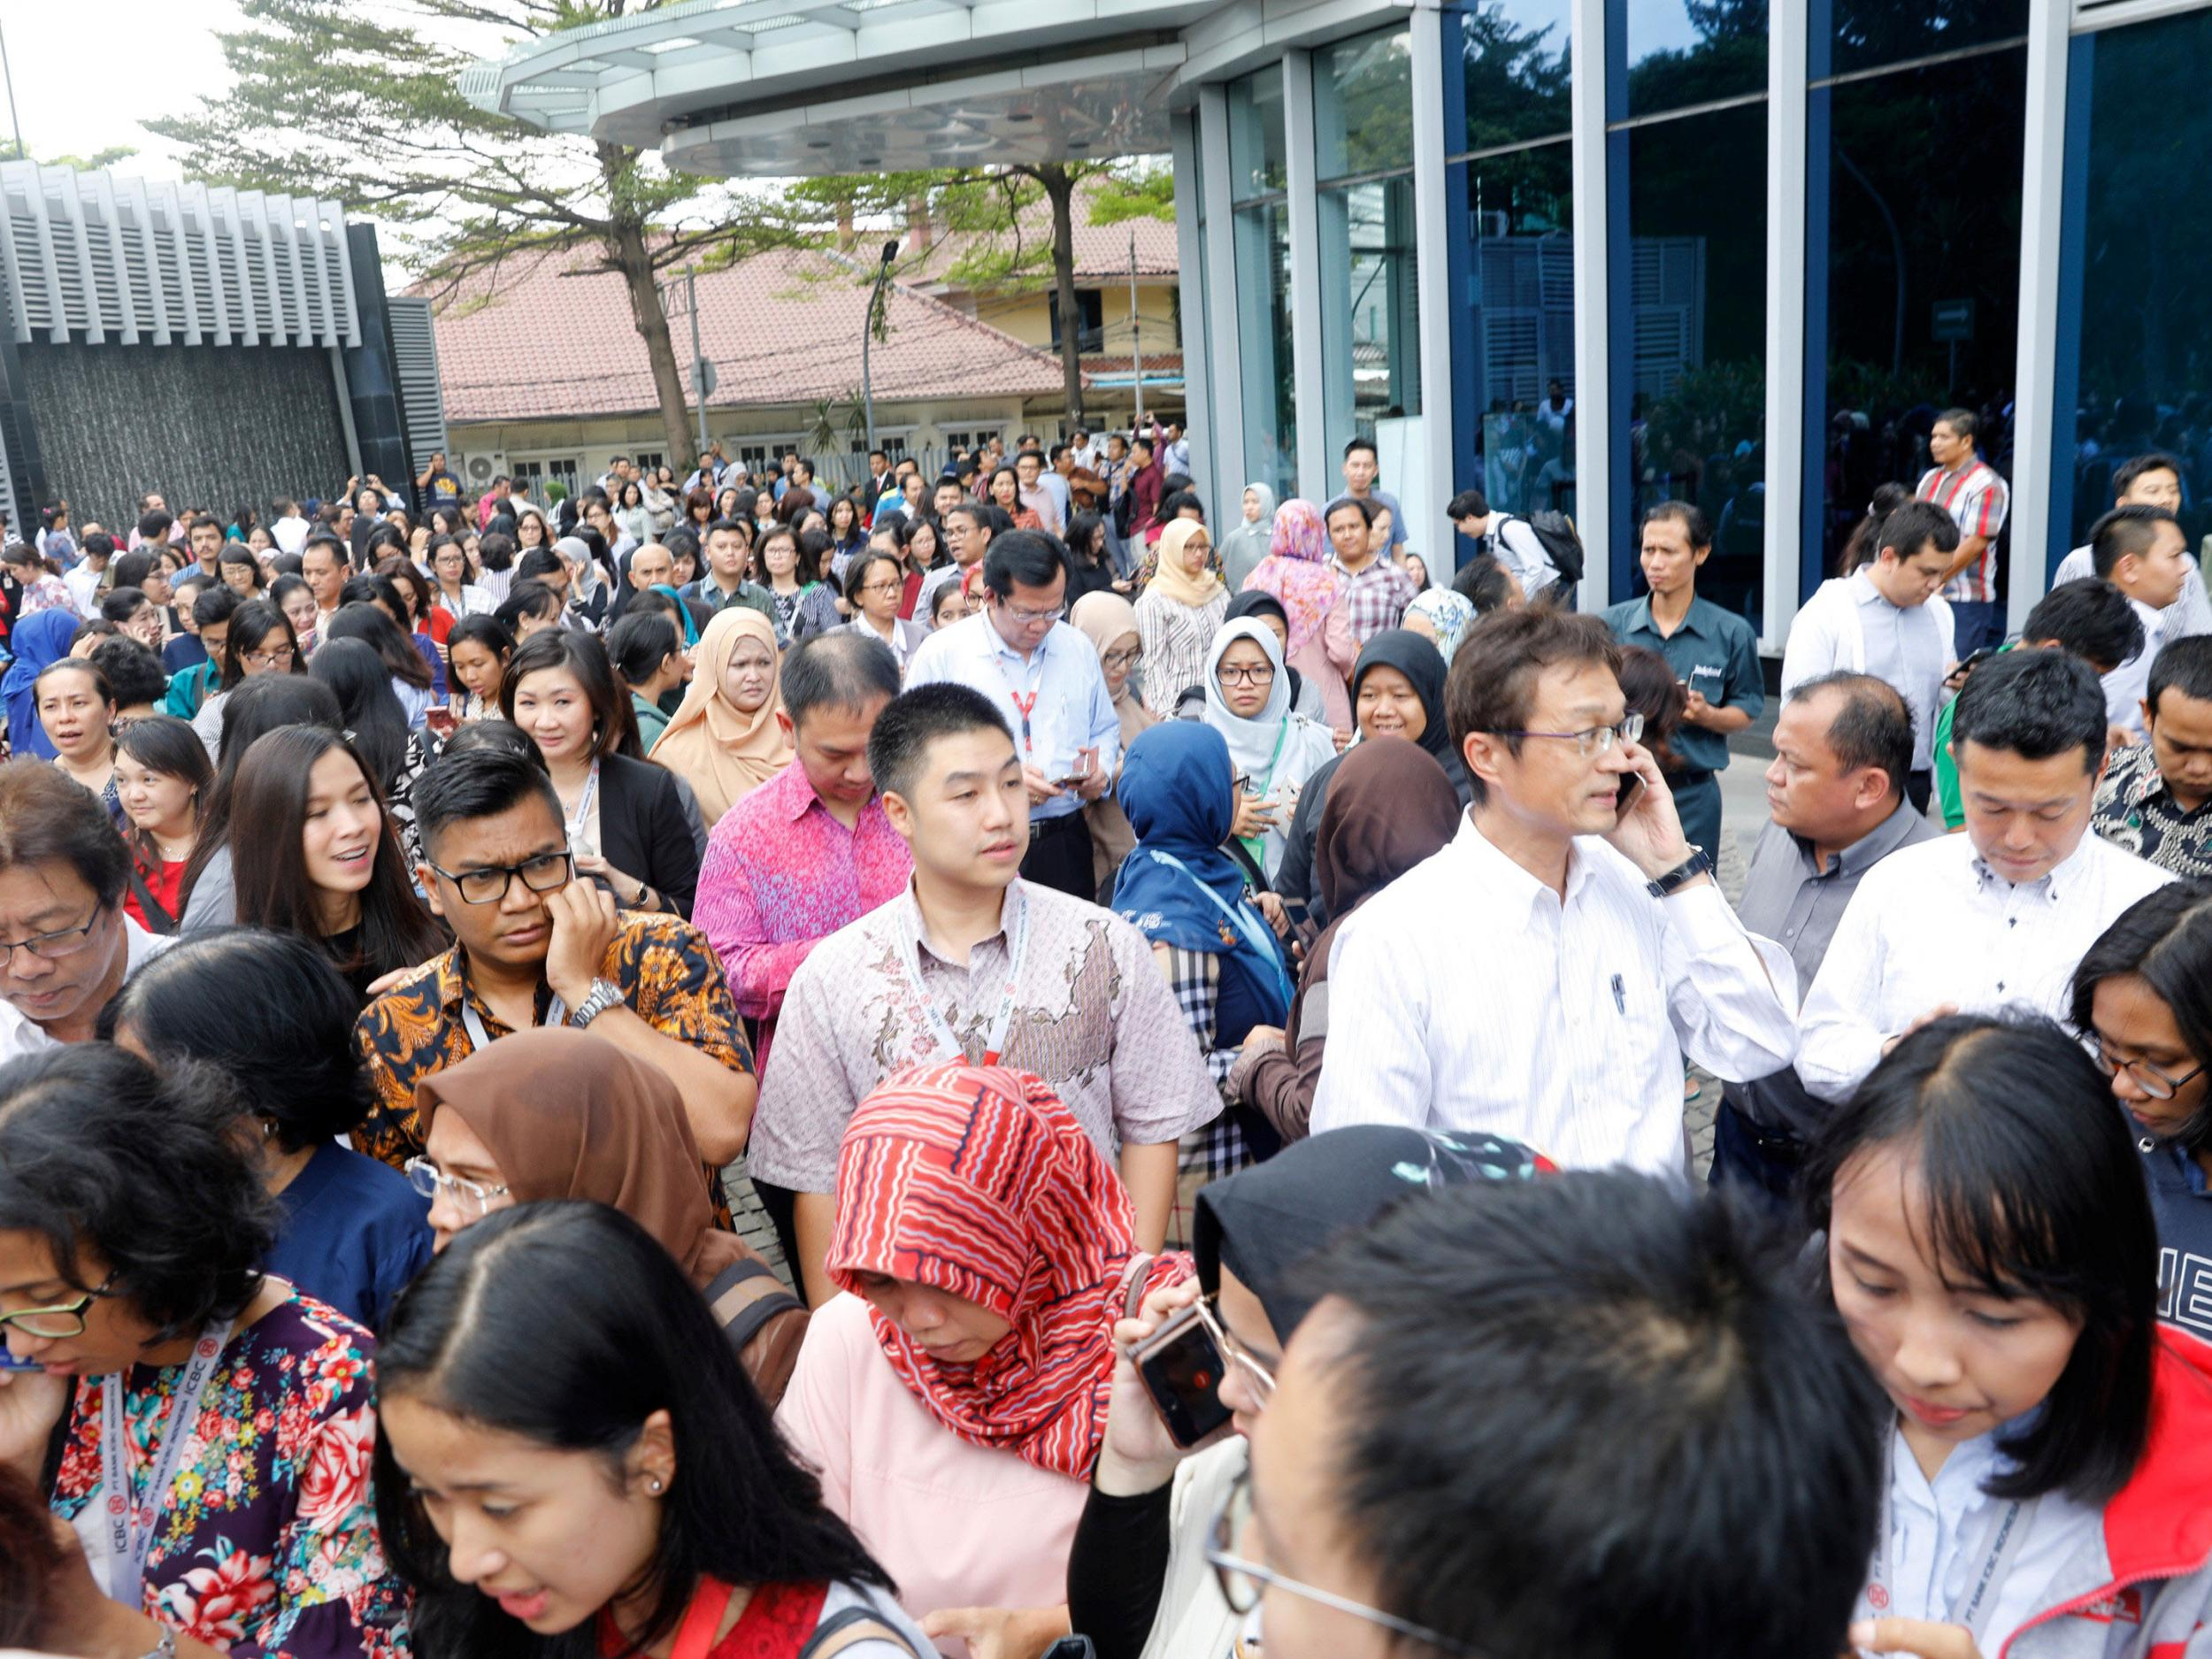 Indonesia earthquake: Powerful 6.0 magnitude quake strikes off coast of Java